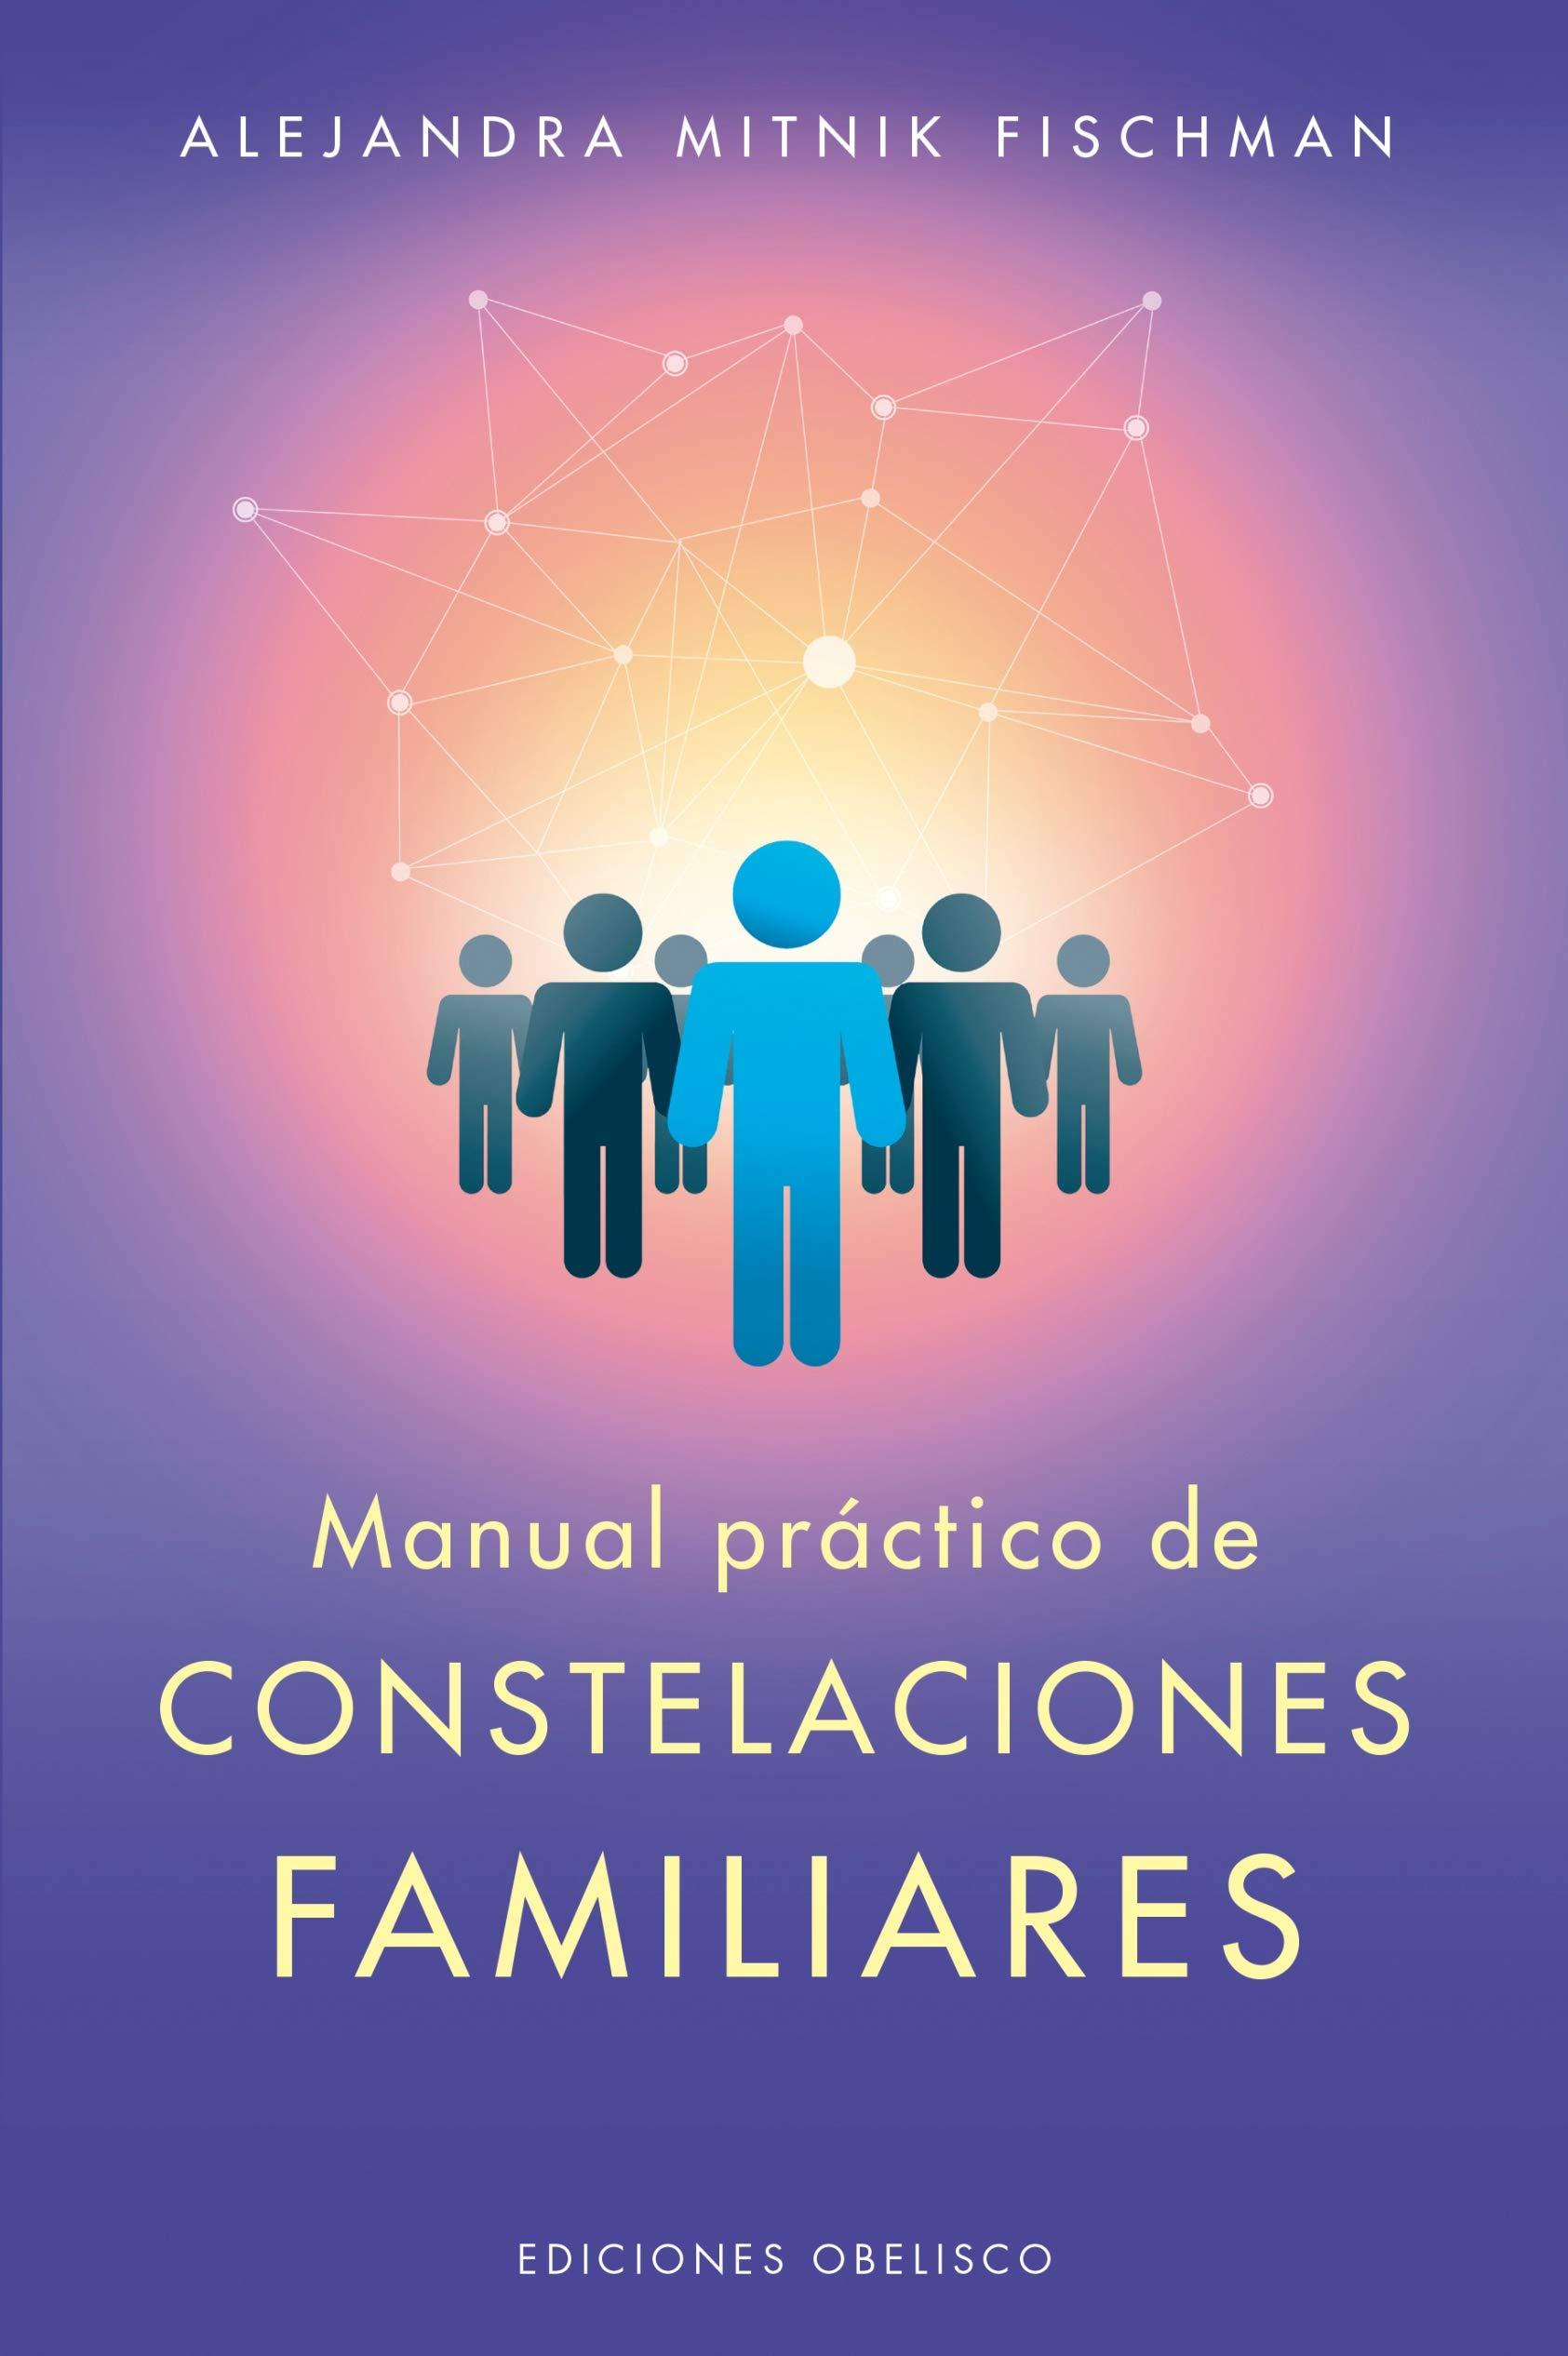 Manual práctico de las constelaciones familiares PSICOLOGÍA: Amazon.es: Alejandra Mitnik Fischman: Libros